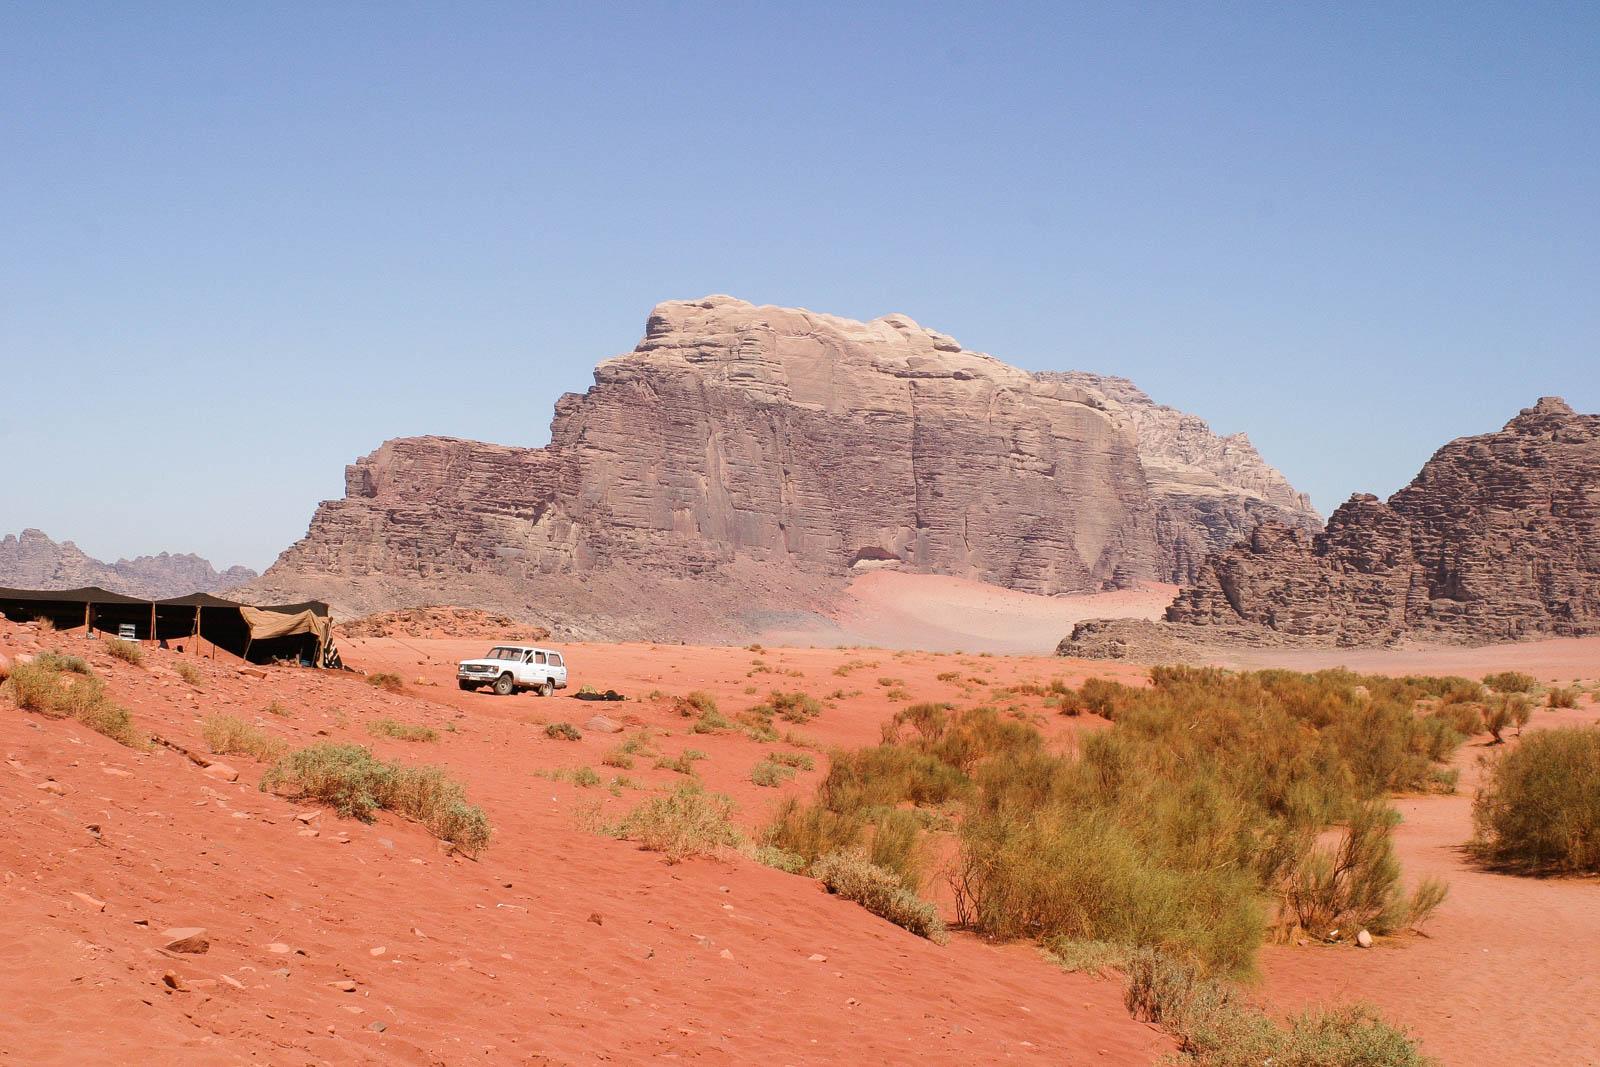 Das Wadi Rum in Jordanien ist vermutlich eine der schönsten Wüsten der Welt.